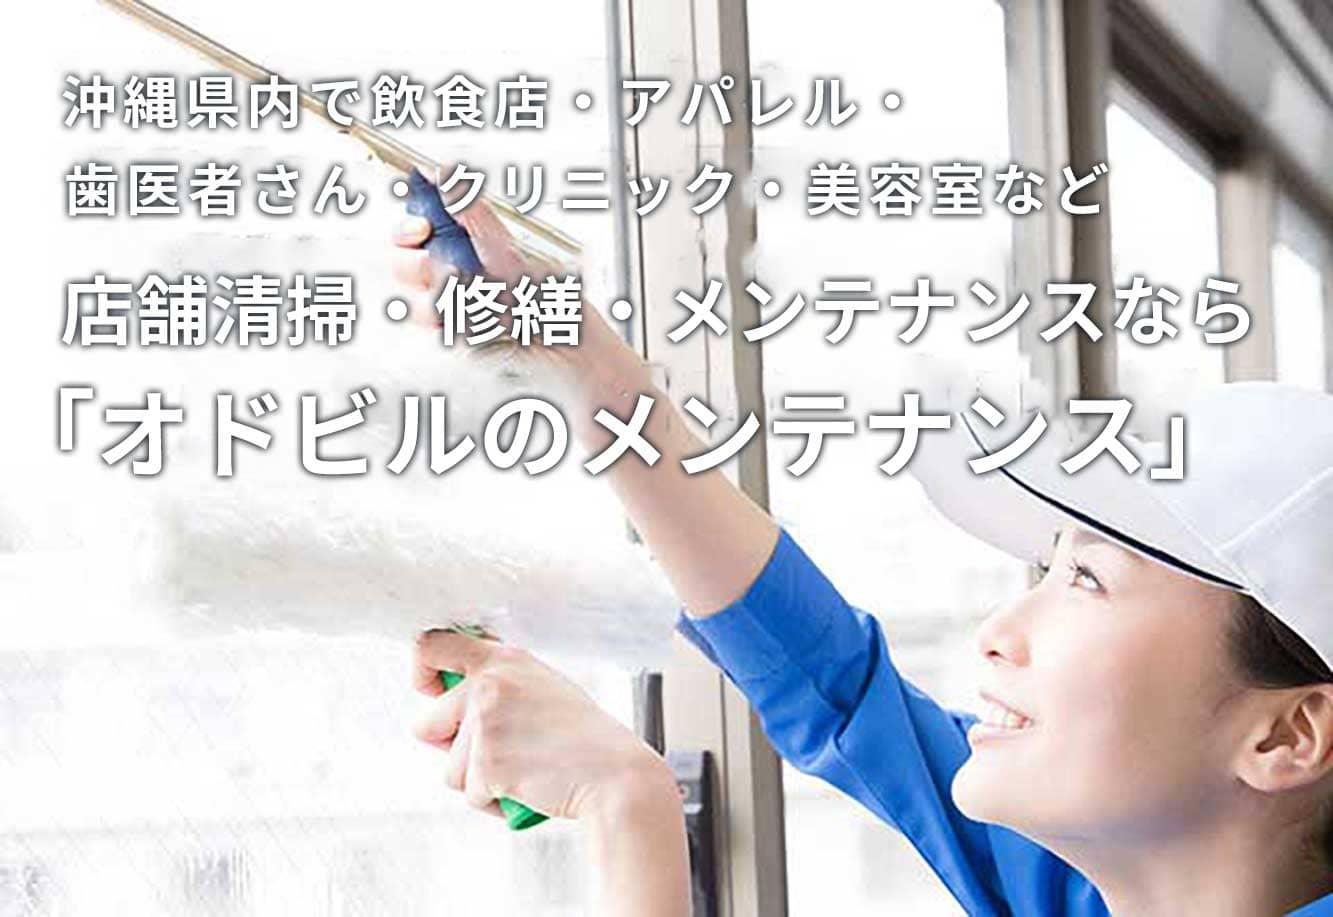 沖縄県内で飲食店・アパレル・歯医者さん・クリニック・美容室などの店舗清掃・修繕・メンテナンスなら「小渡ビル メンテナンス」